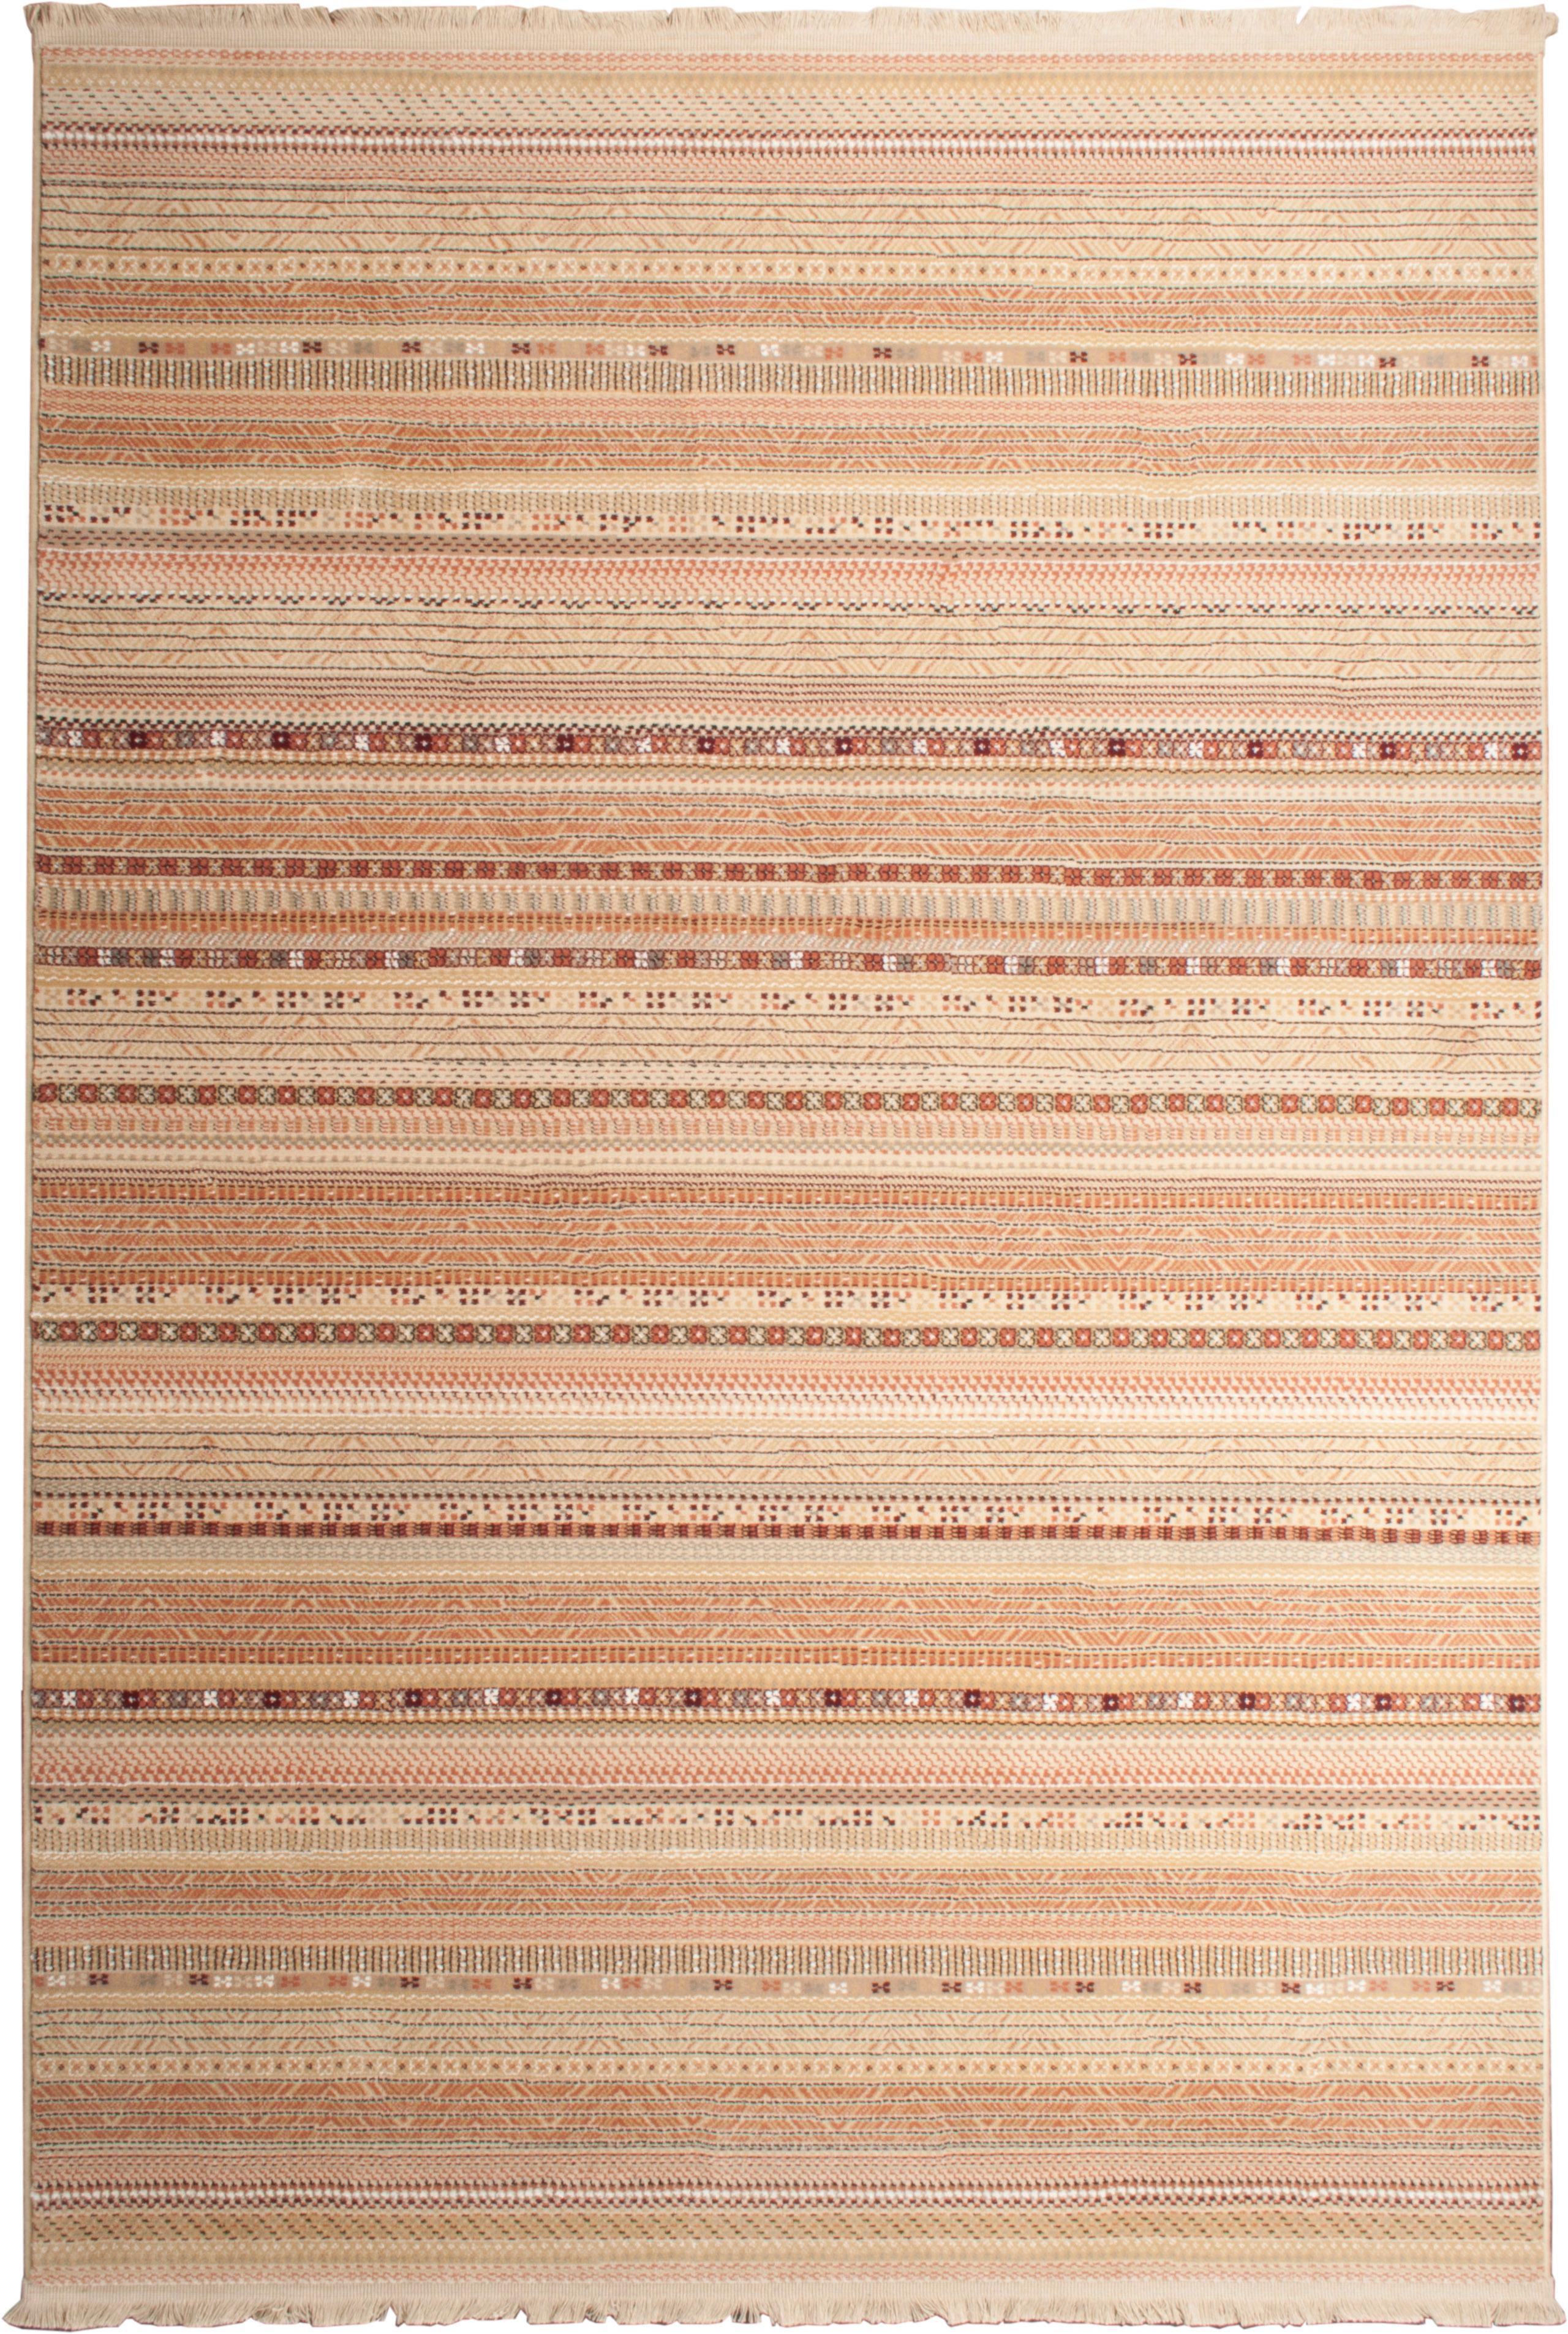 Teppich Nepal mit bunten Details und Fransen, Flor: 90% Polypropylen, 10% Vis, Beige, Mehrfarbig, B 160 x L 235 cm (Größe M)